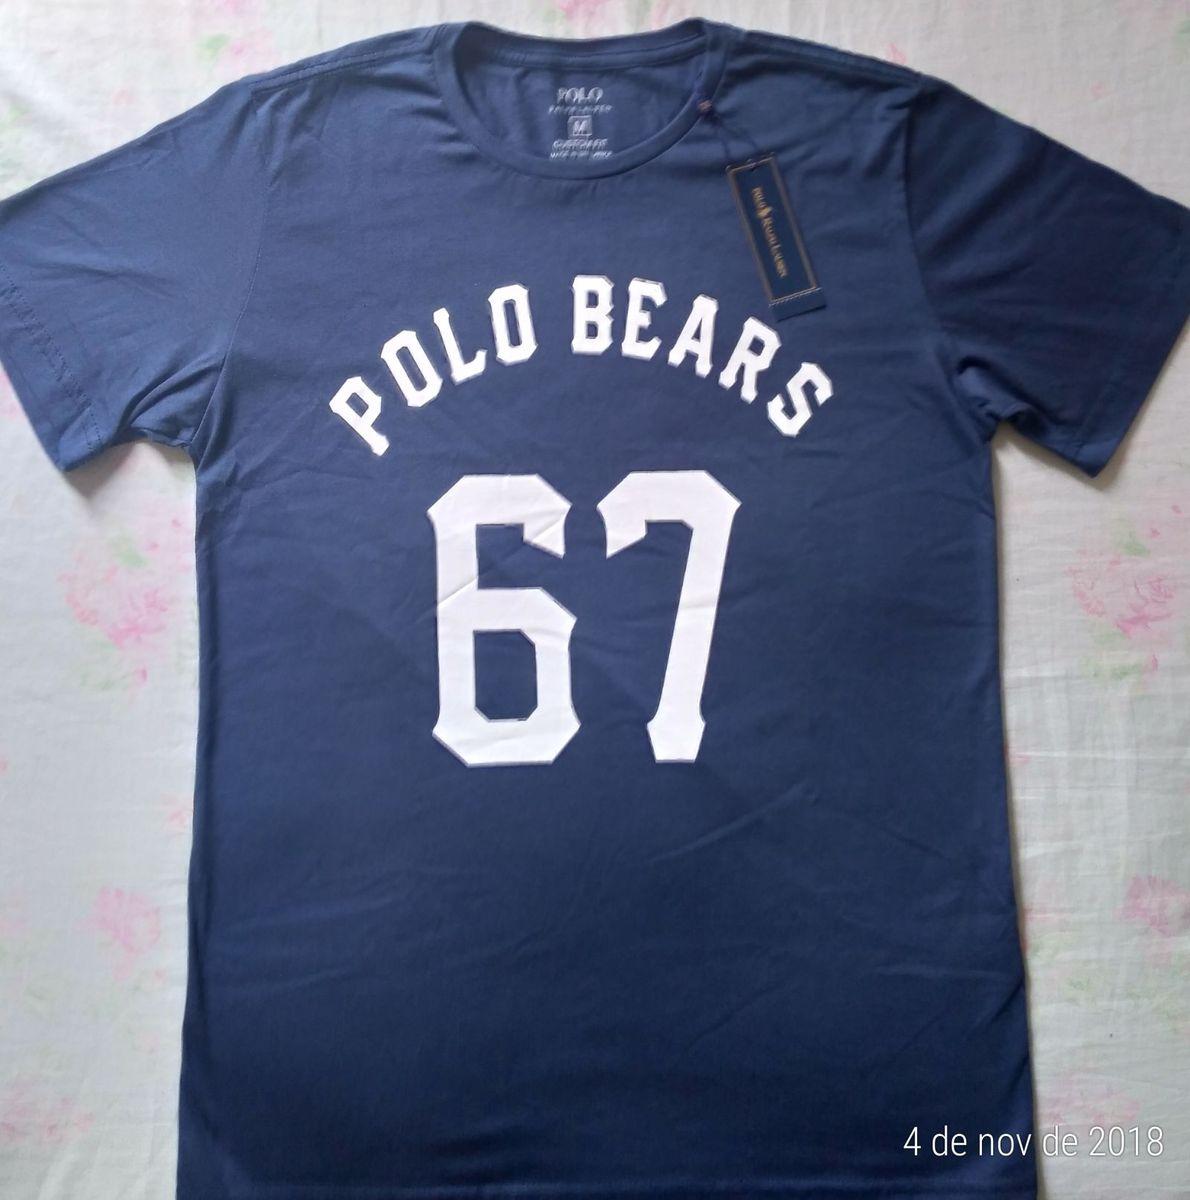 camiseta polo ralph lauren original importada - tamanho m - camisetas polo  ralph lauren 45e3d5ea92a